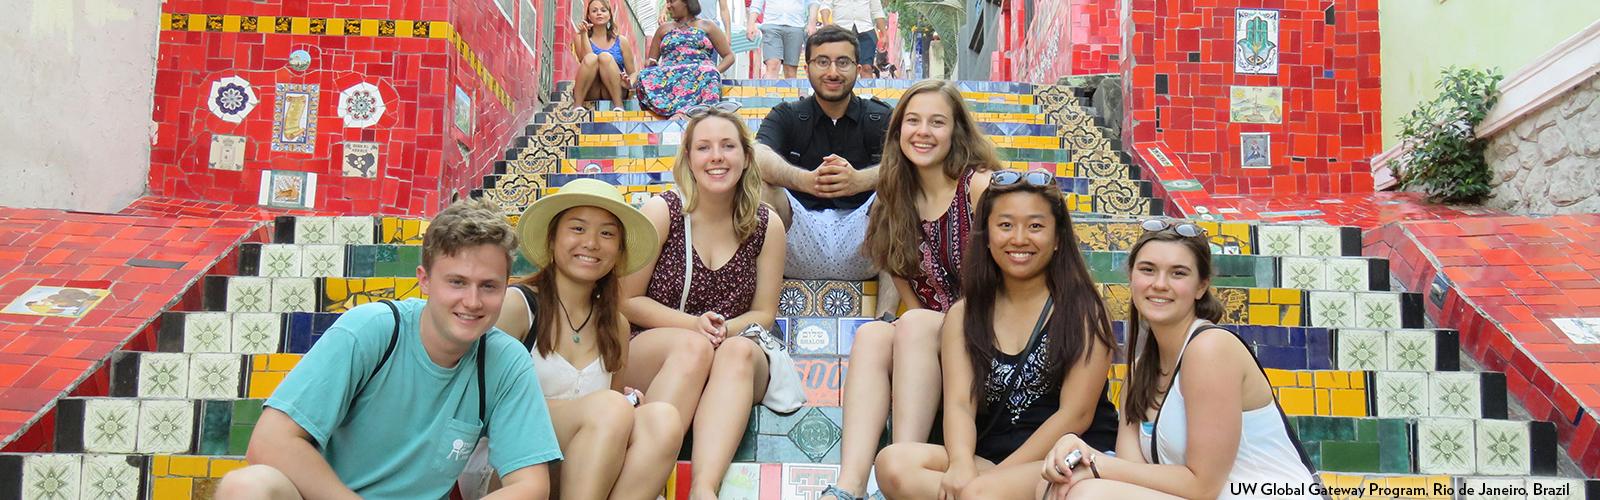 Photo of UW Global Gateway students